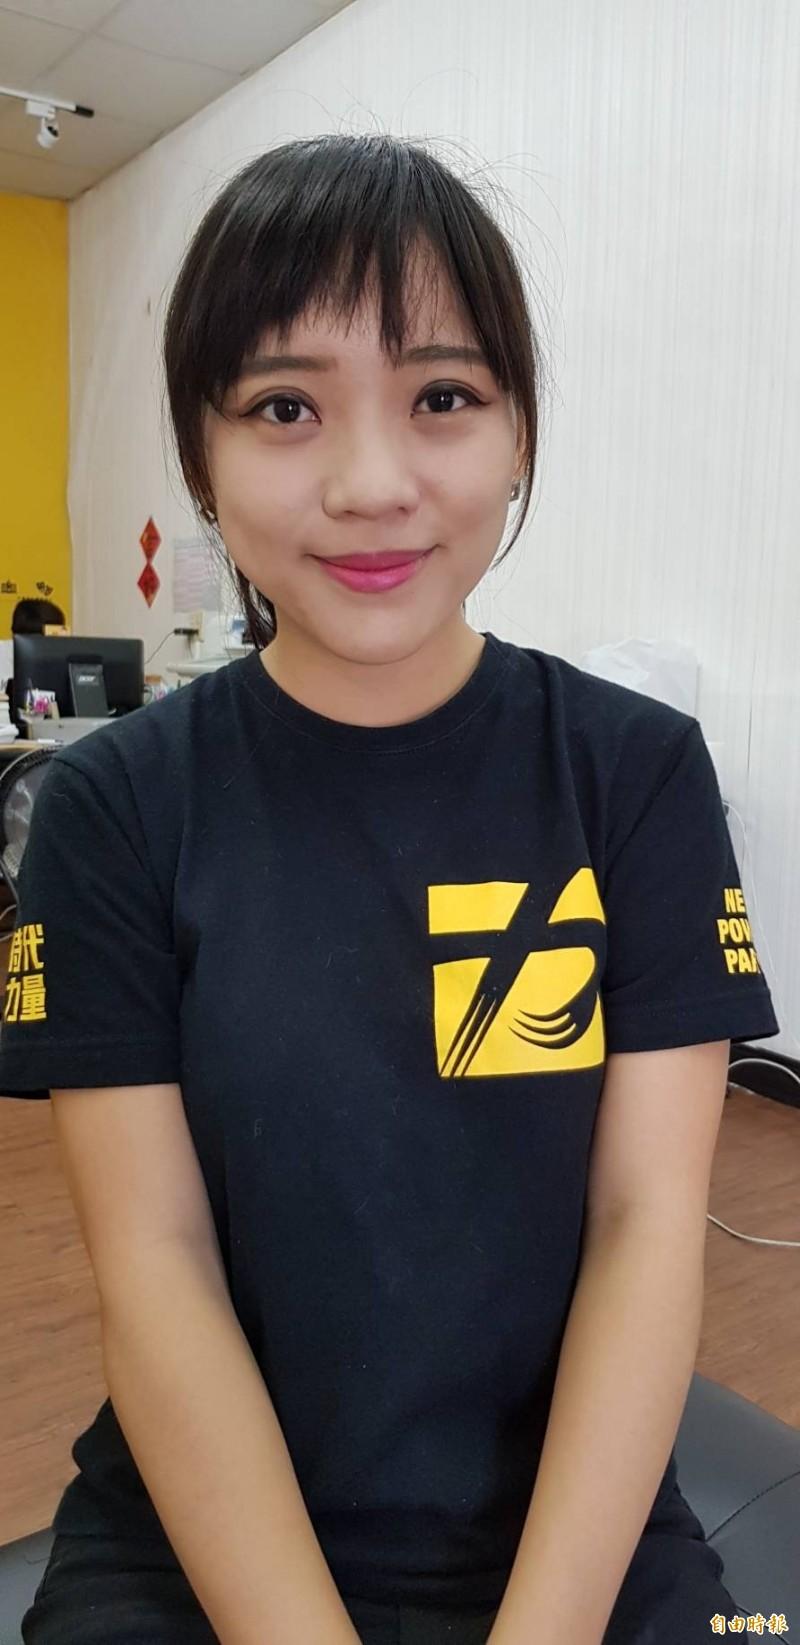 「白眼女神」黃捷批香港特首牽拖司法互助是很無賴的說法,更呼籲韓國瑜聲援香港就是挺台灣民主自由。(記者陳文嬋攝)